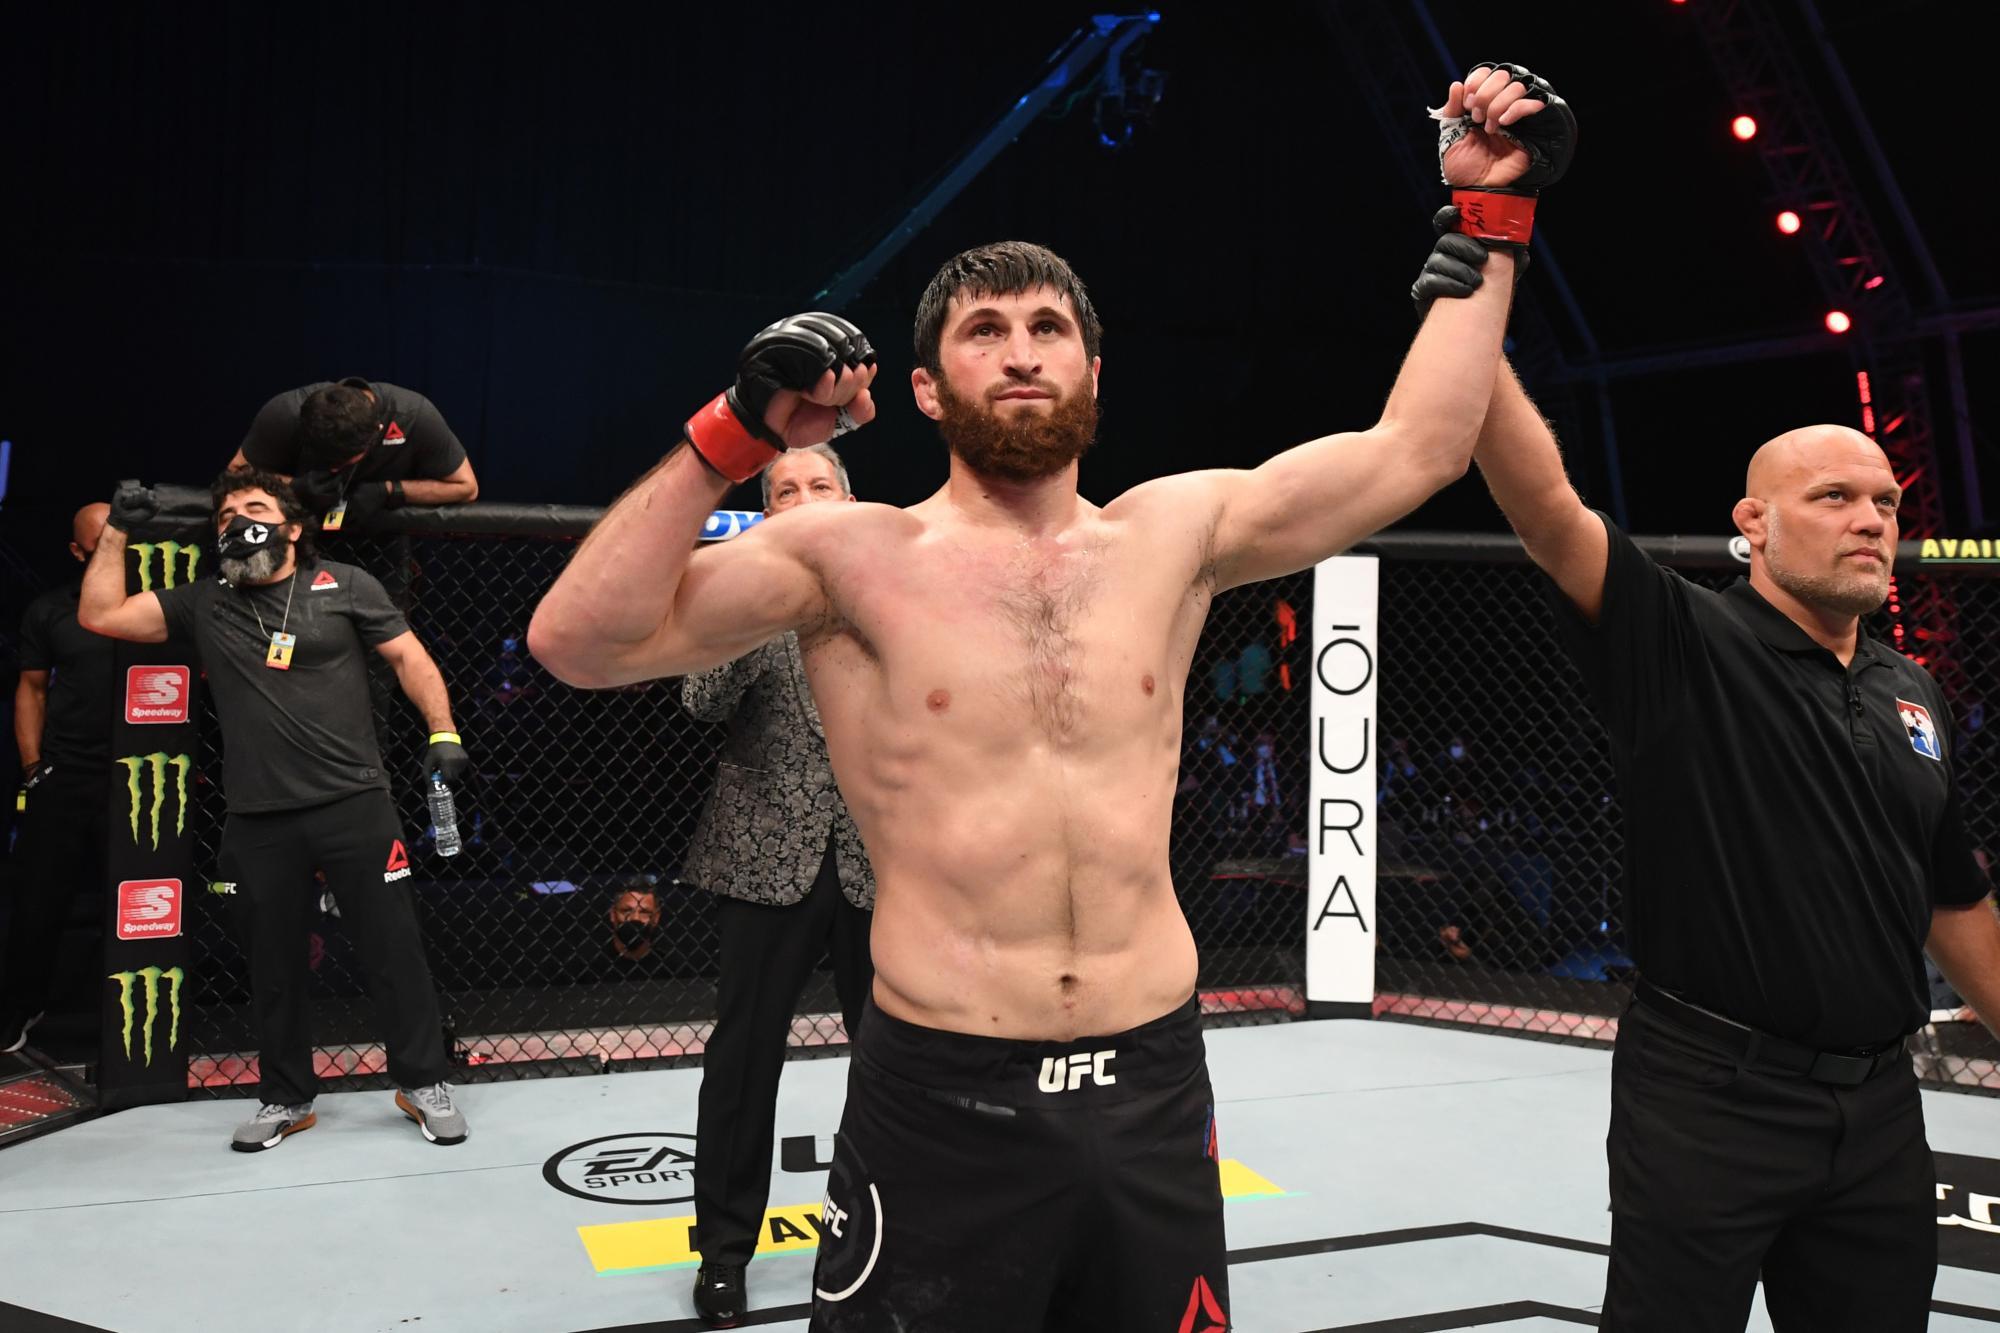 UFC сообщила о предстоящем бое украинца и россиянина